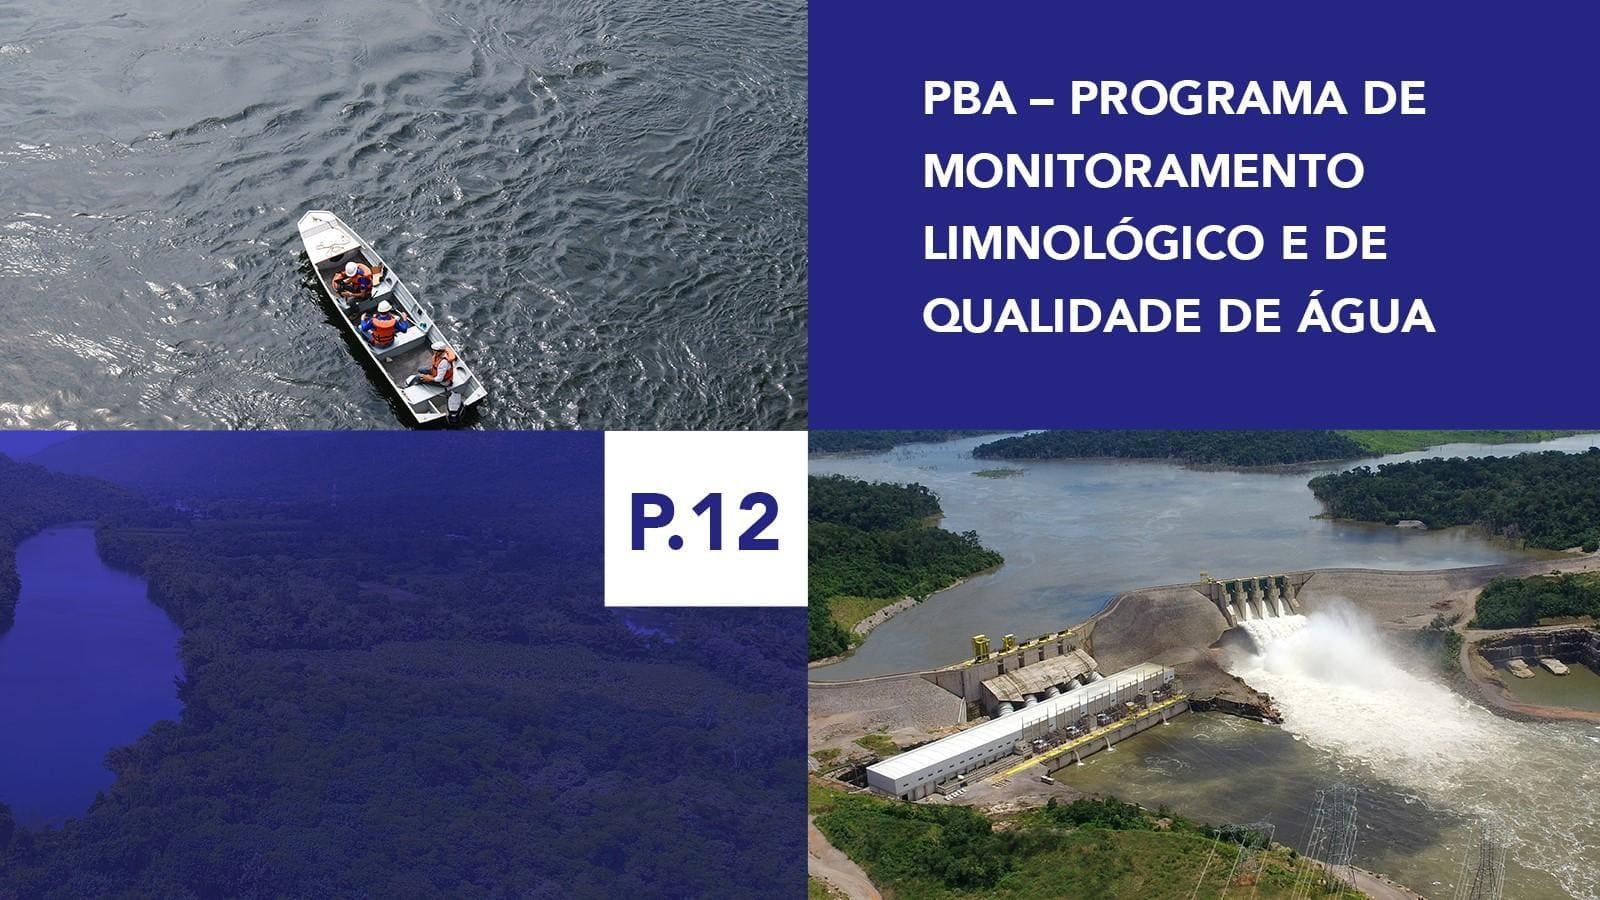 P.12 - Programa de Monitoramento Limnológico e de Qualidade de Água